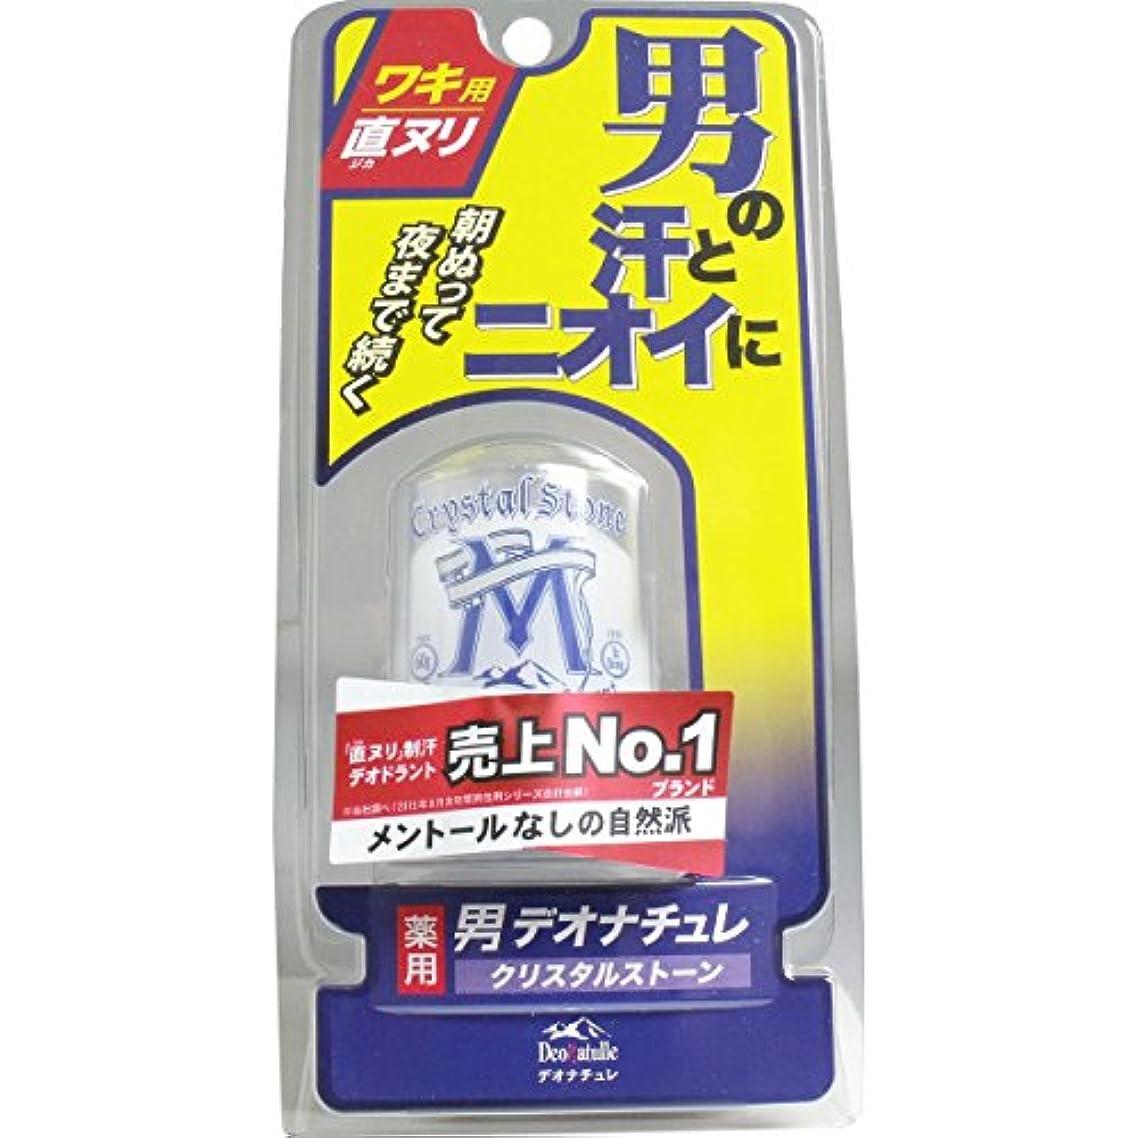 アスペクト補助シロクマデオナチュレ 男クリスタルストーン 60Gx3個セット (4971825011778)